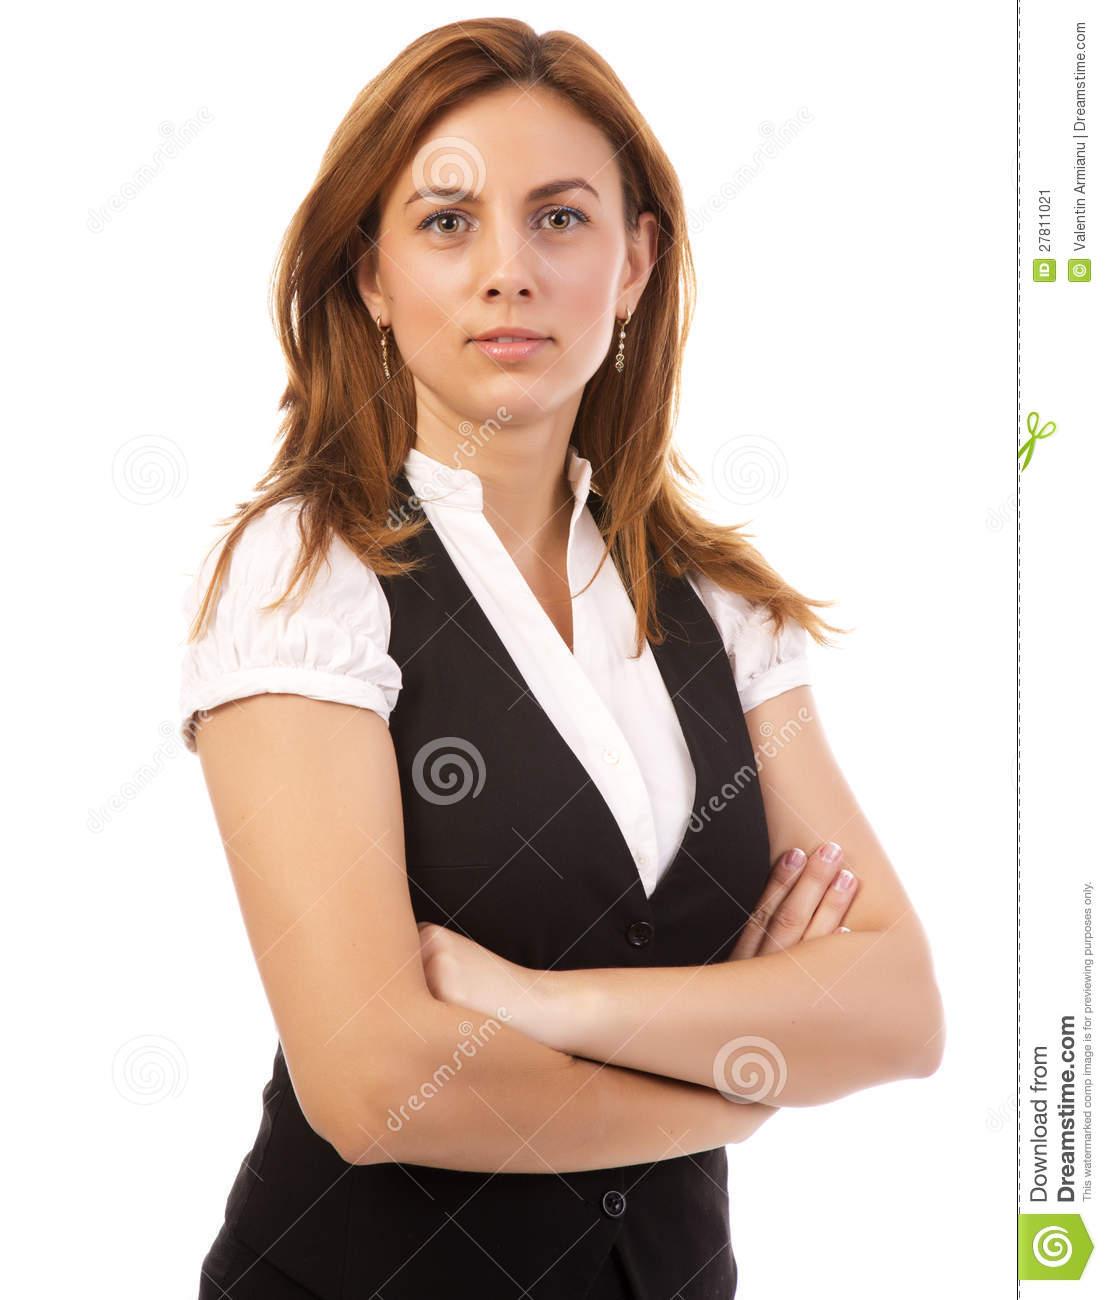 Confident Business Women Quotes. QuotesGram